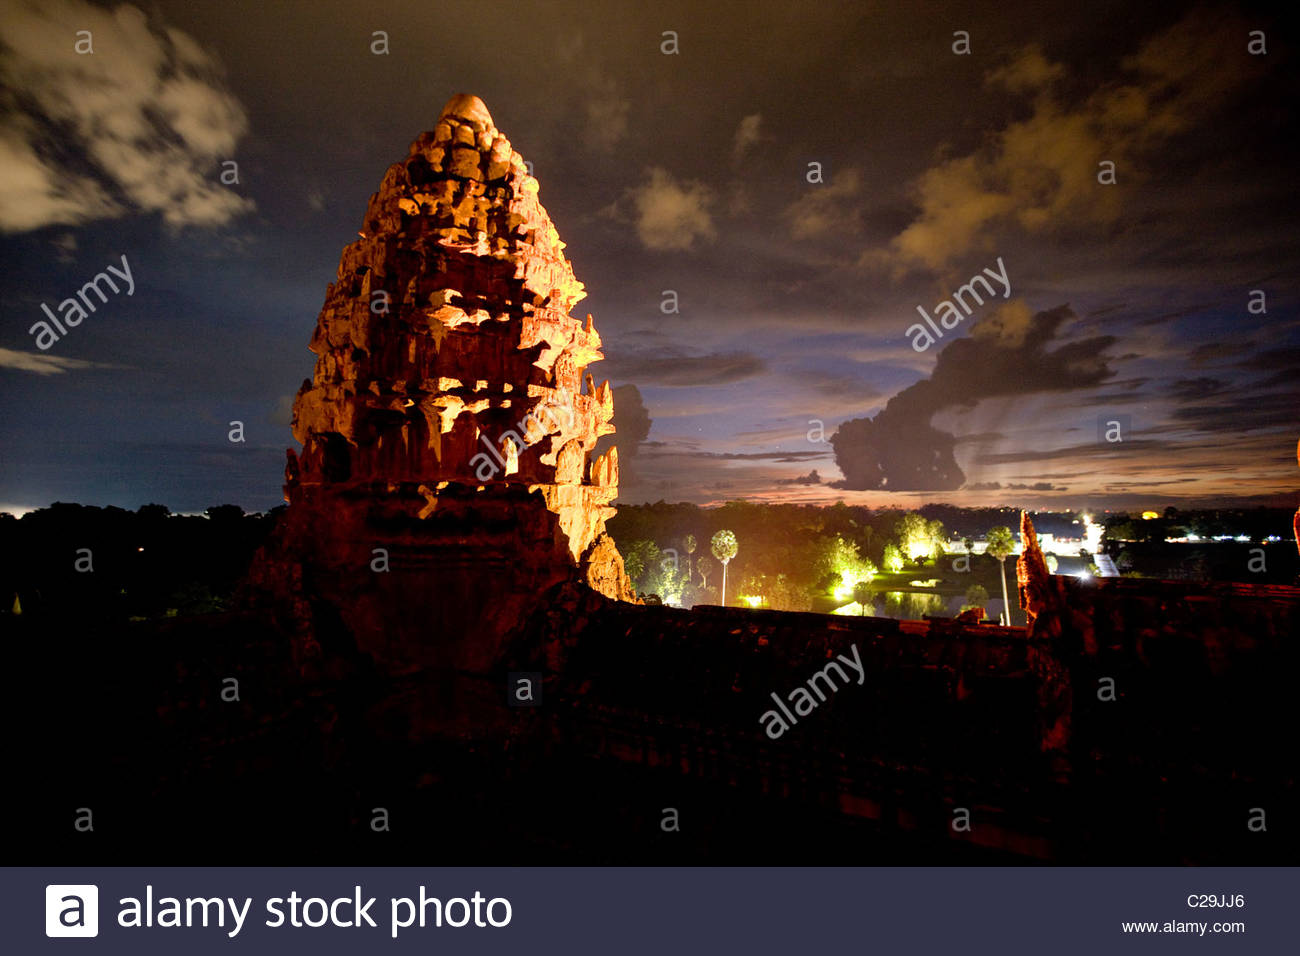 Illuminated at night, a lotus bud-shaped tower gleams at Angkor Wat. - Stock Image